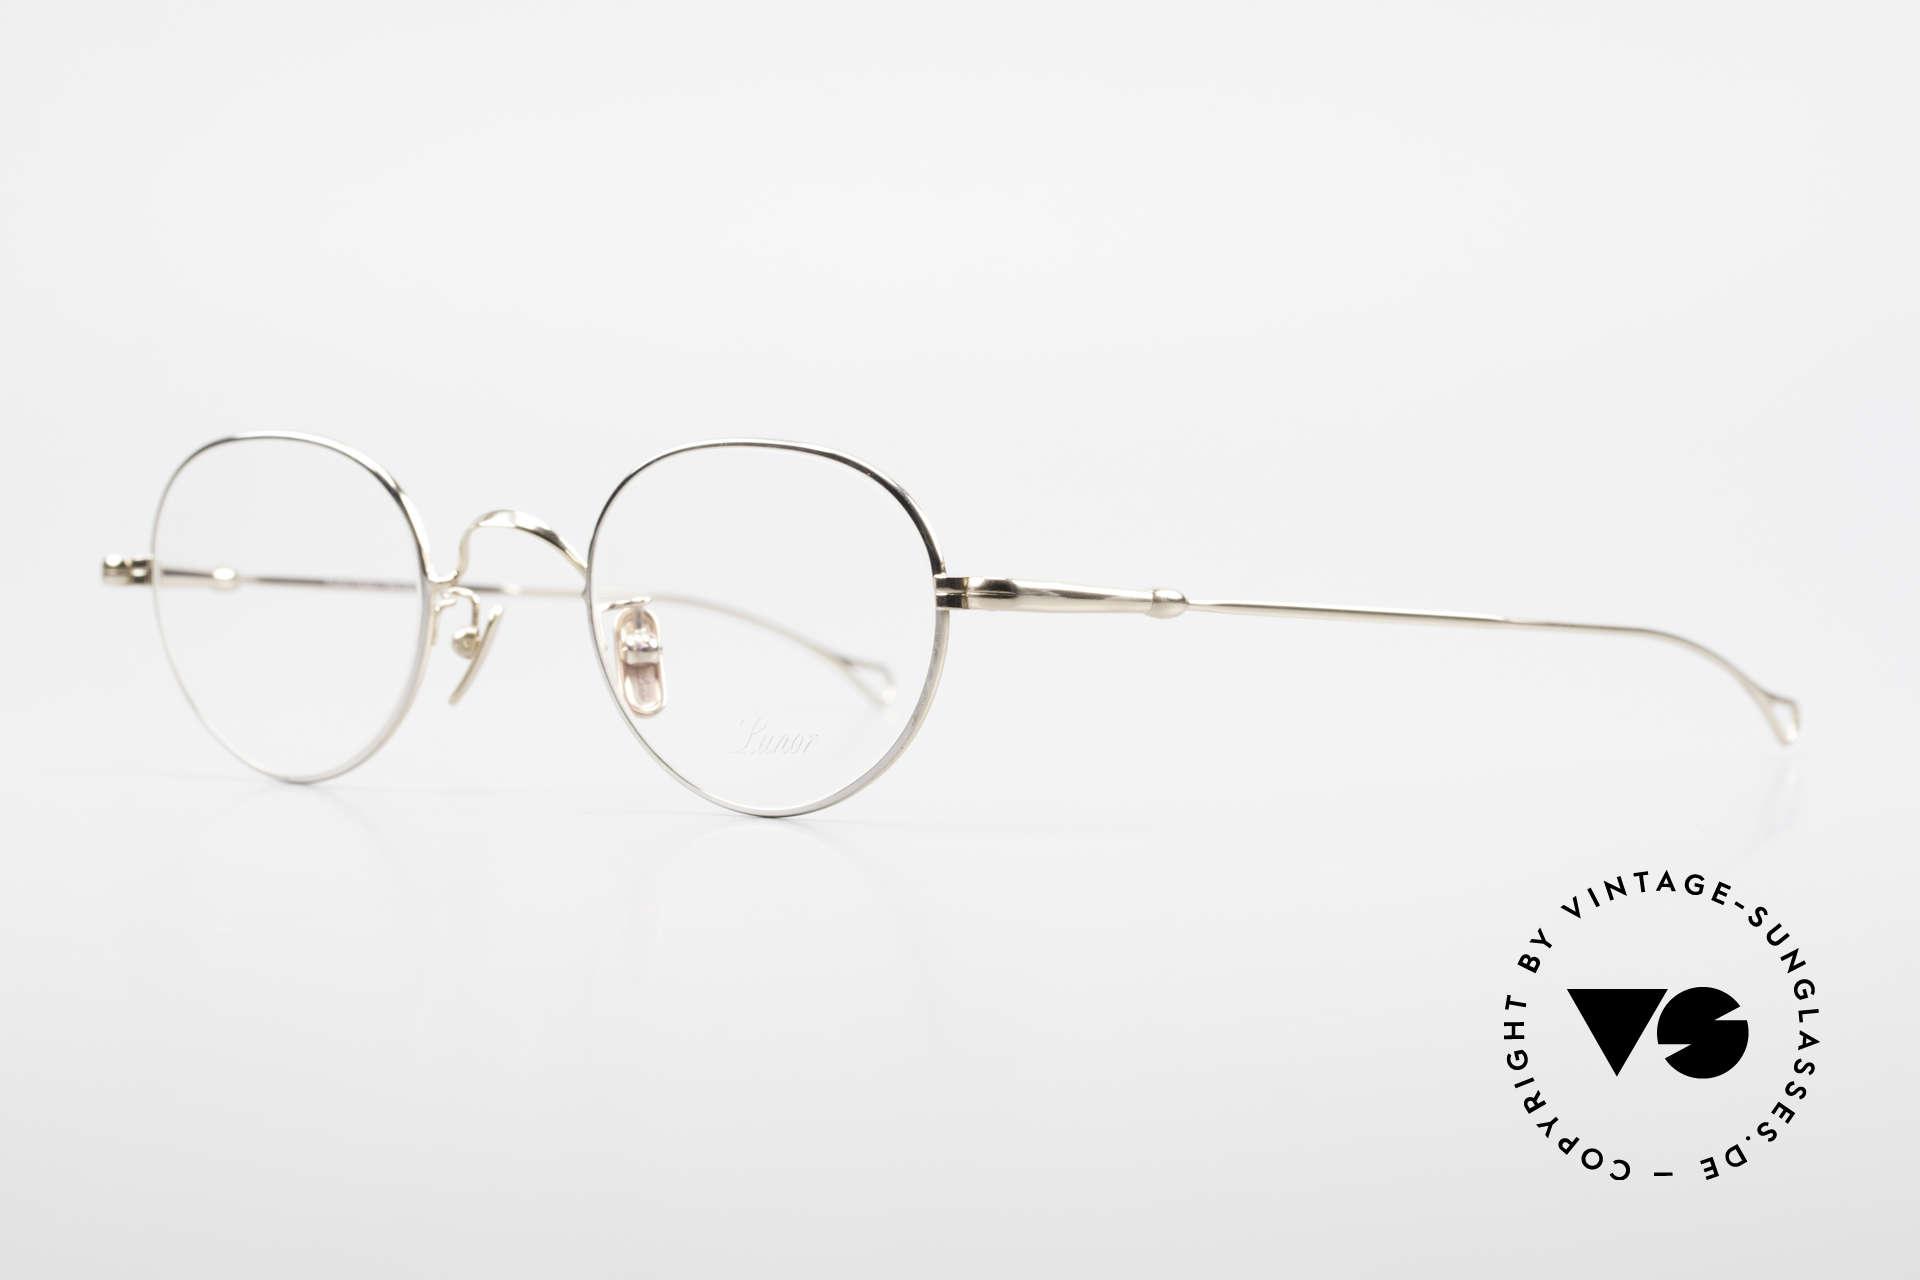 Lunor V 108 Bicolor Eyeglasses Titanium, model V 108: very elegant Panto glasses for gentlemen, Made for Men